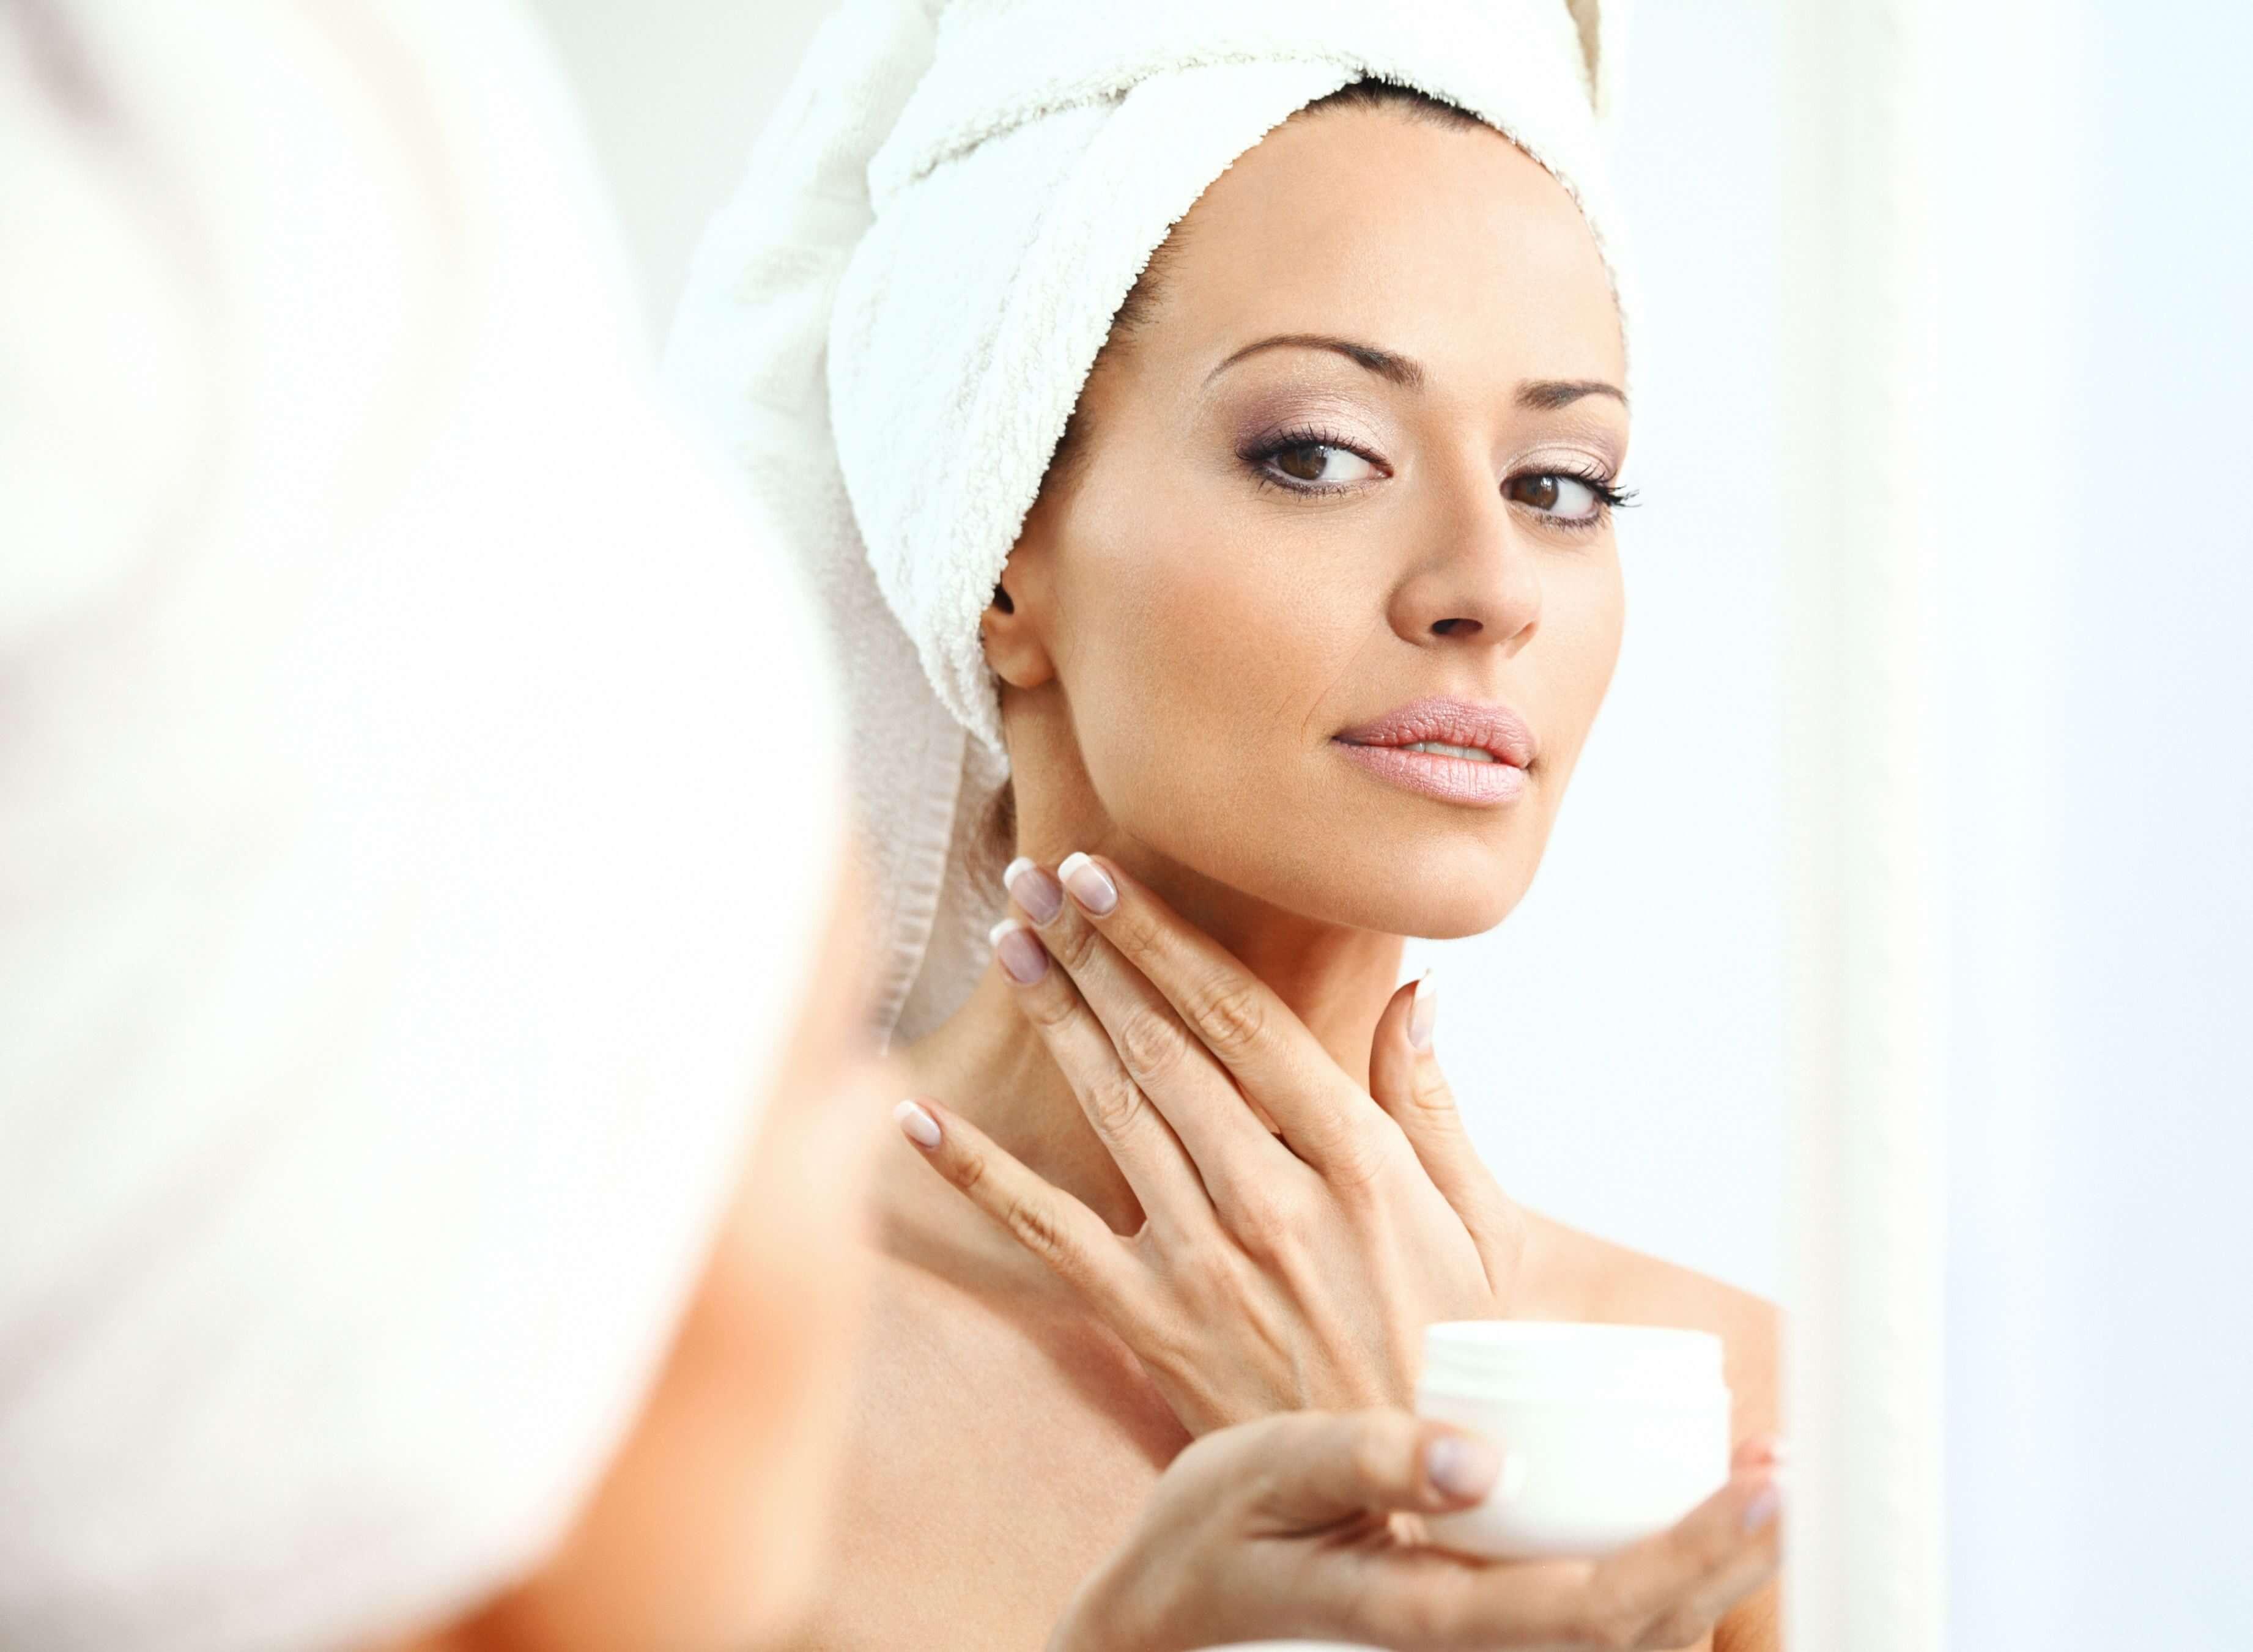 Glycerin là chất có khả năng tẩy rửa nhưng không làm khô da, điều mà xà phòng công nghiệp không thể có